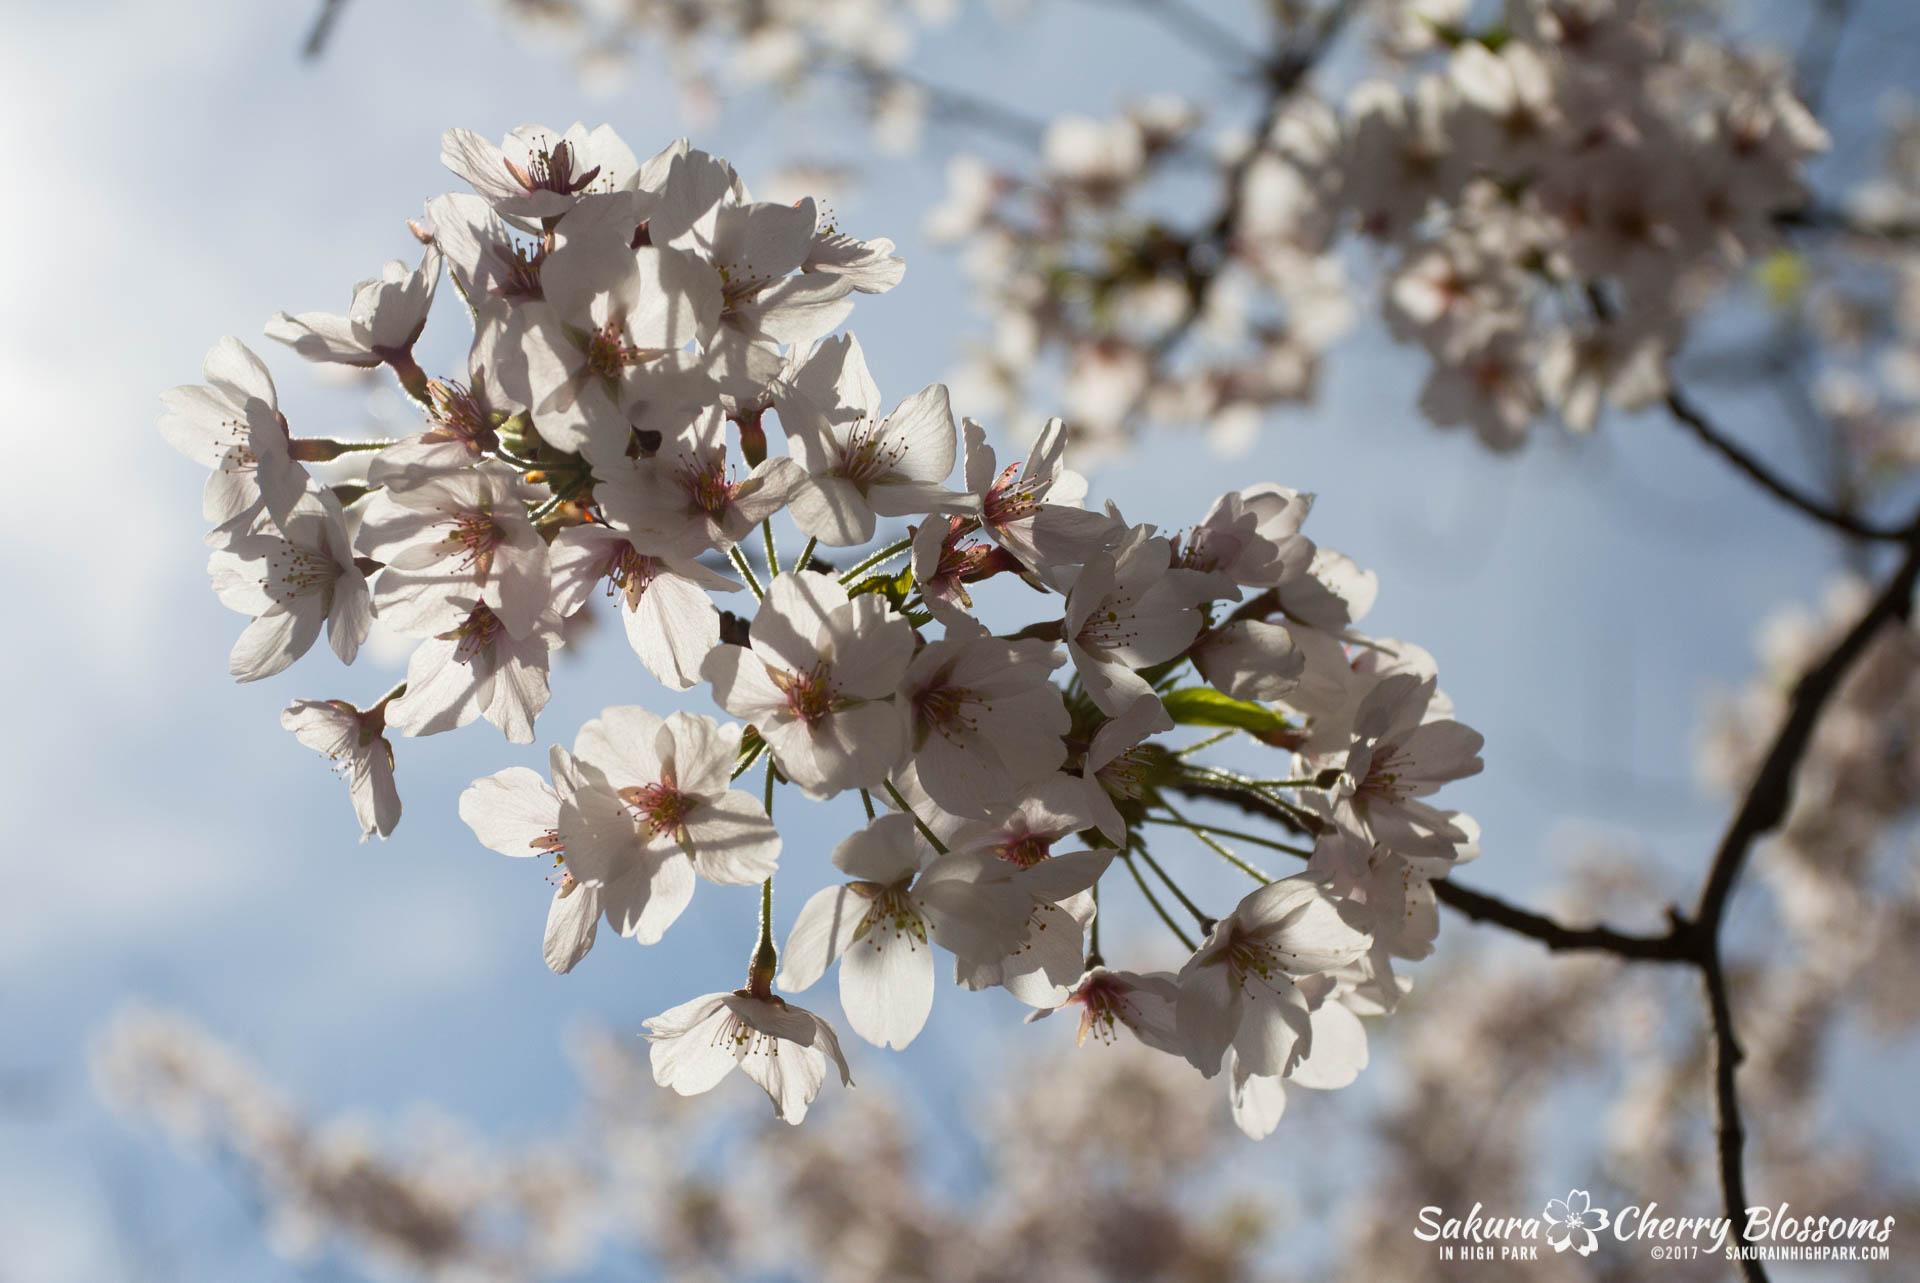 Sakura-Watch-April-28-2017-full-bloom-throughout-High-Park-5680.jpg